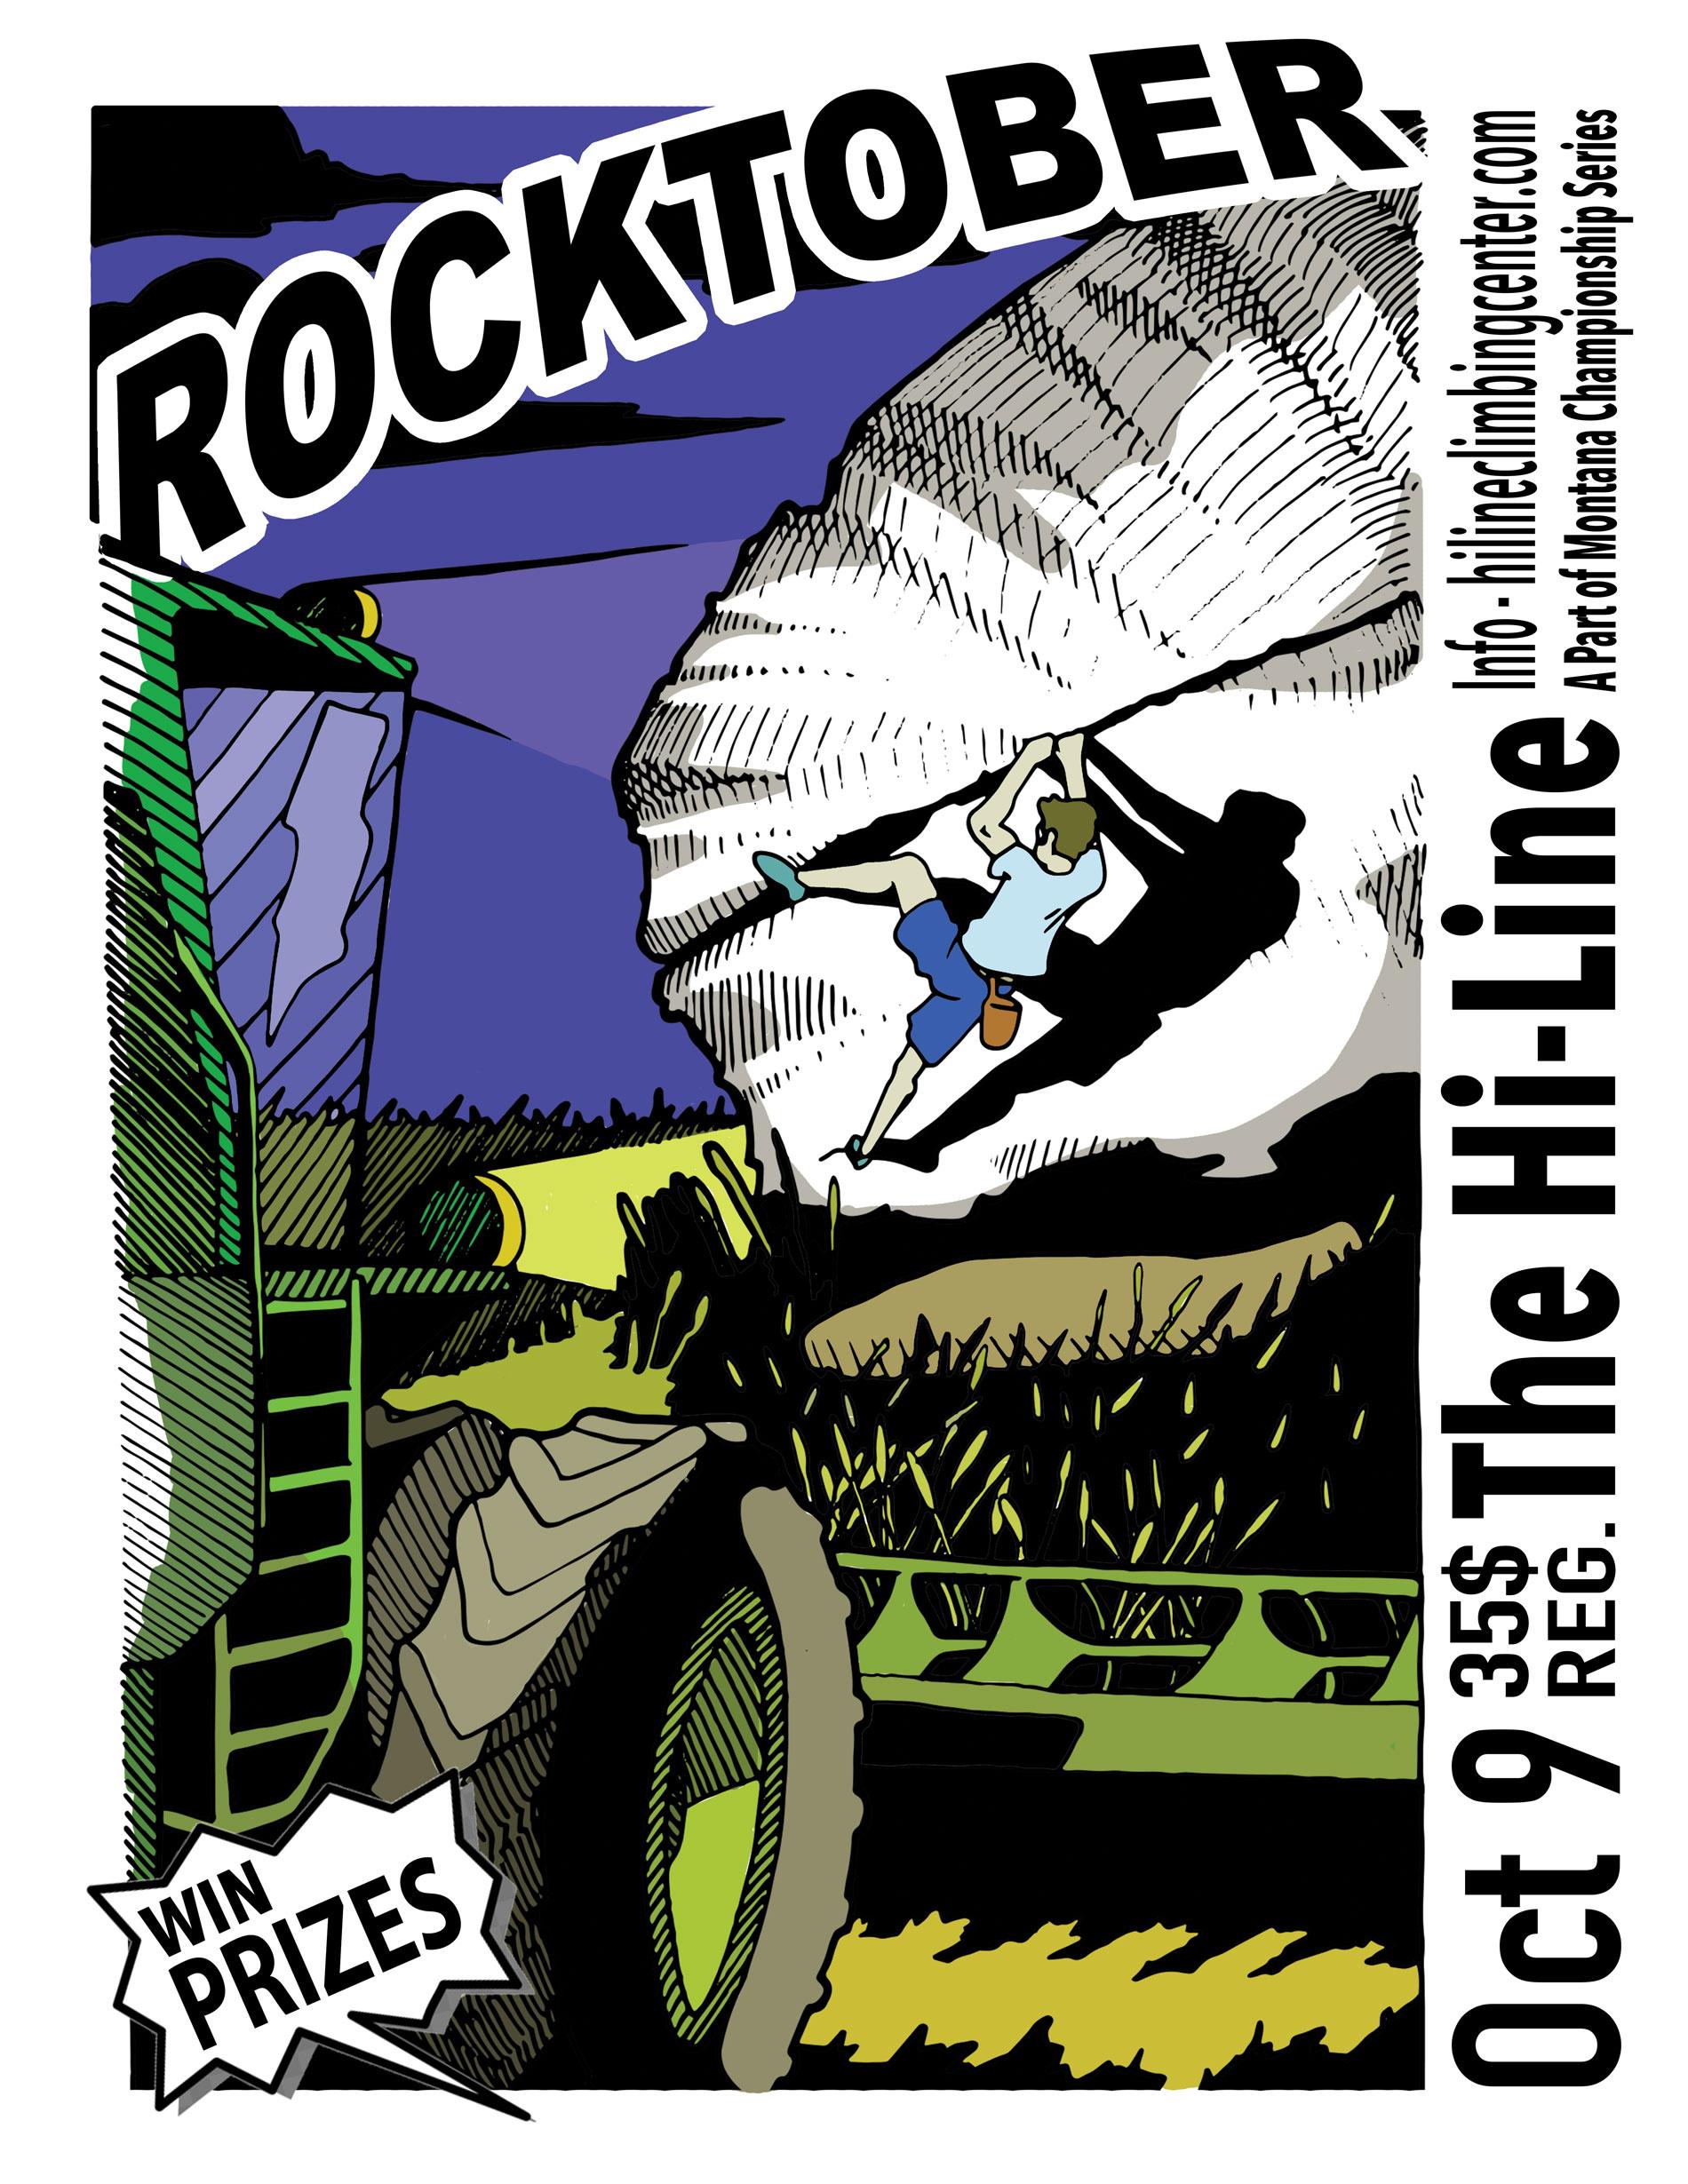 Rocktober Bouldering Competition